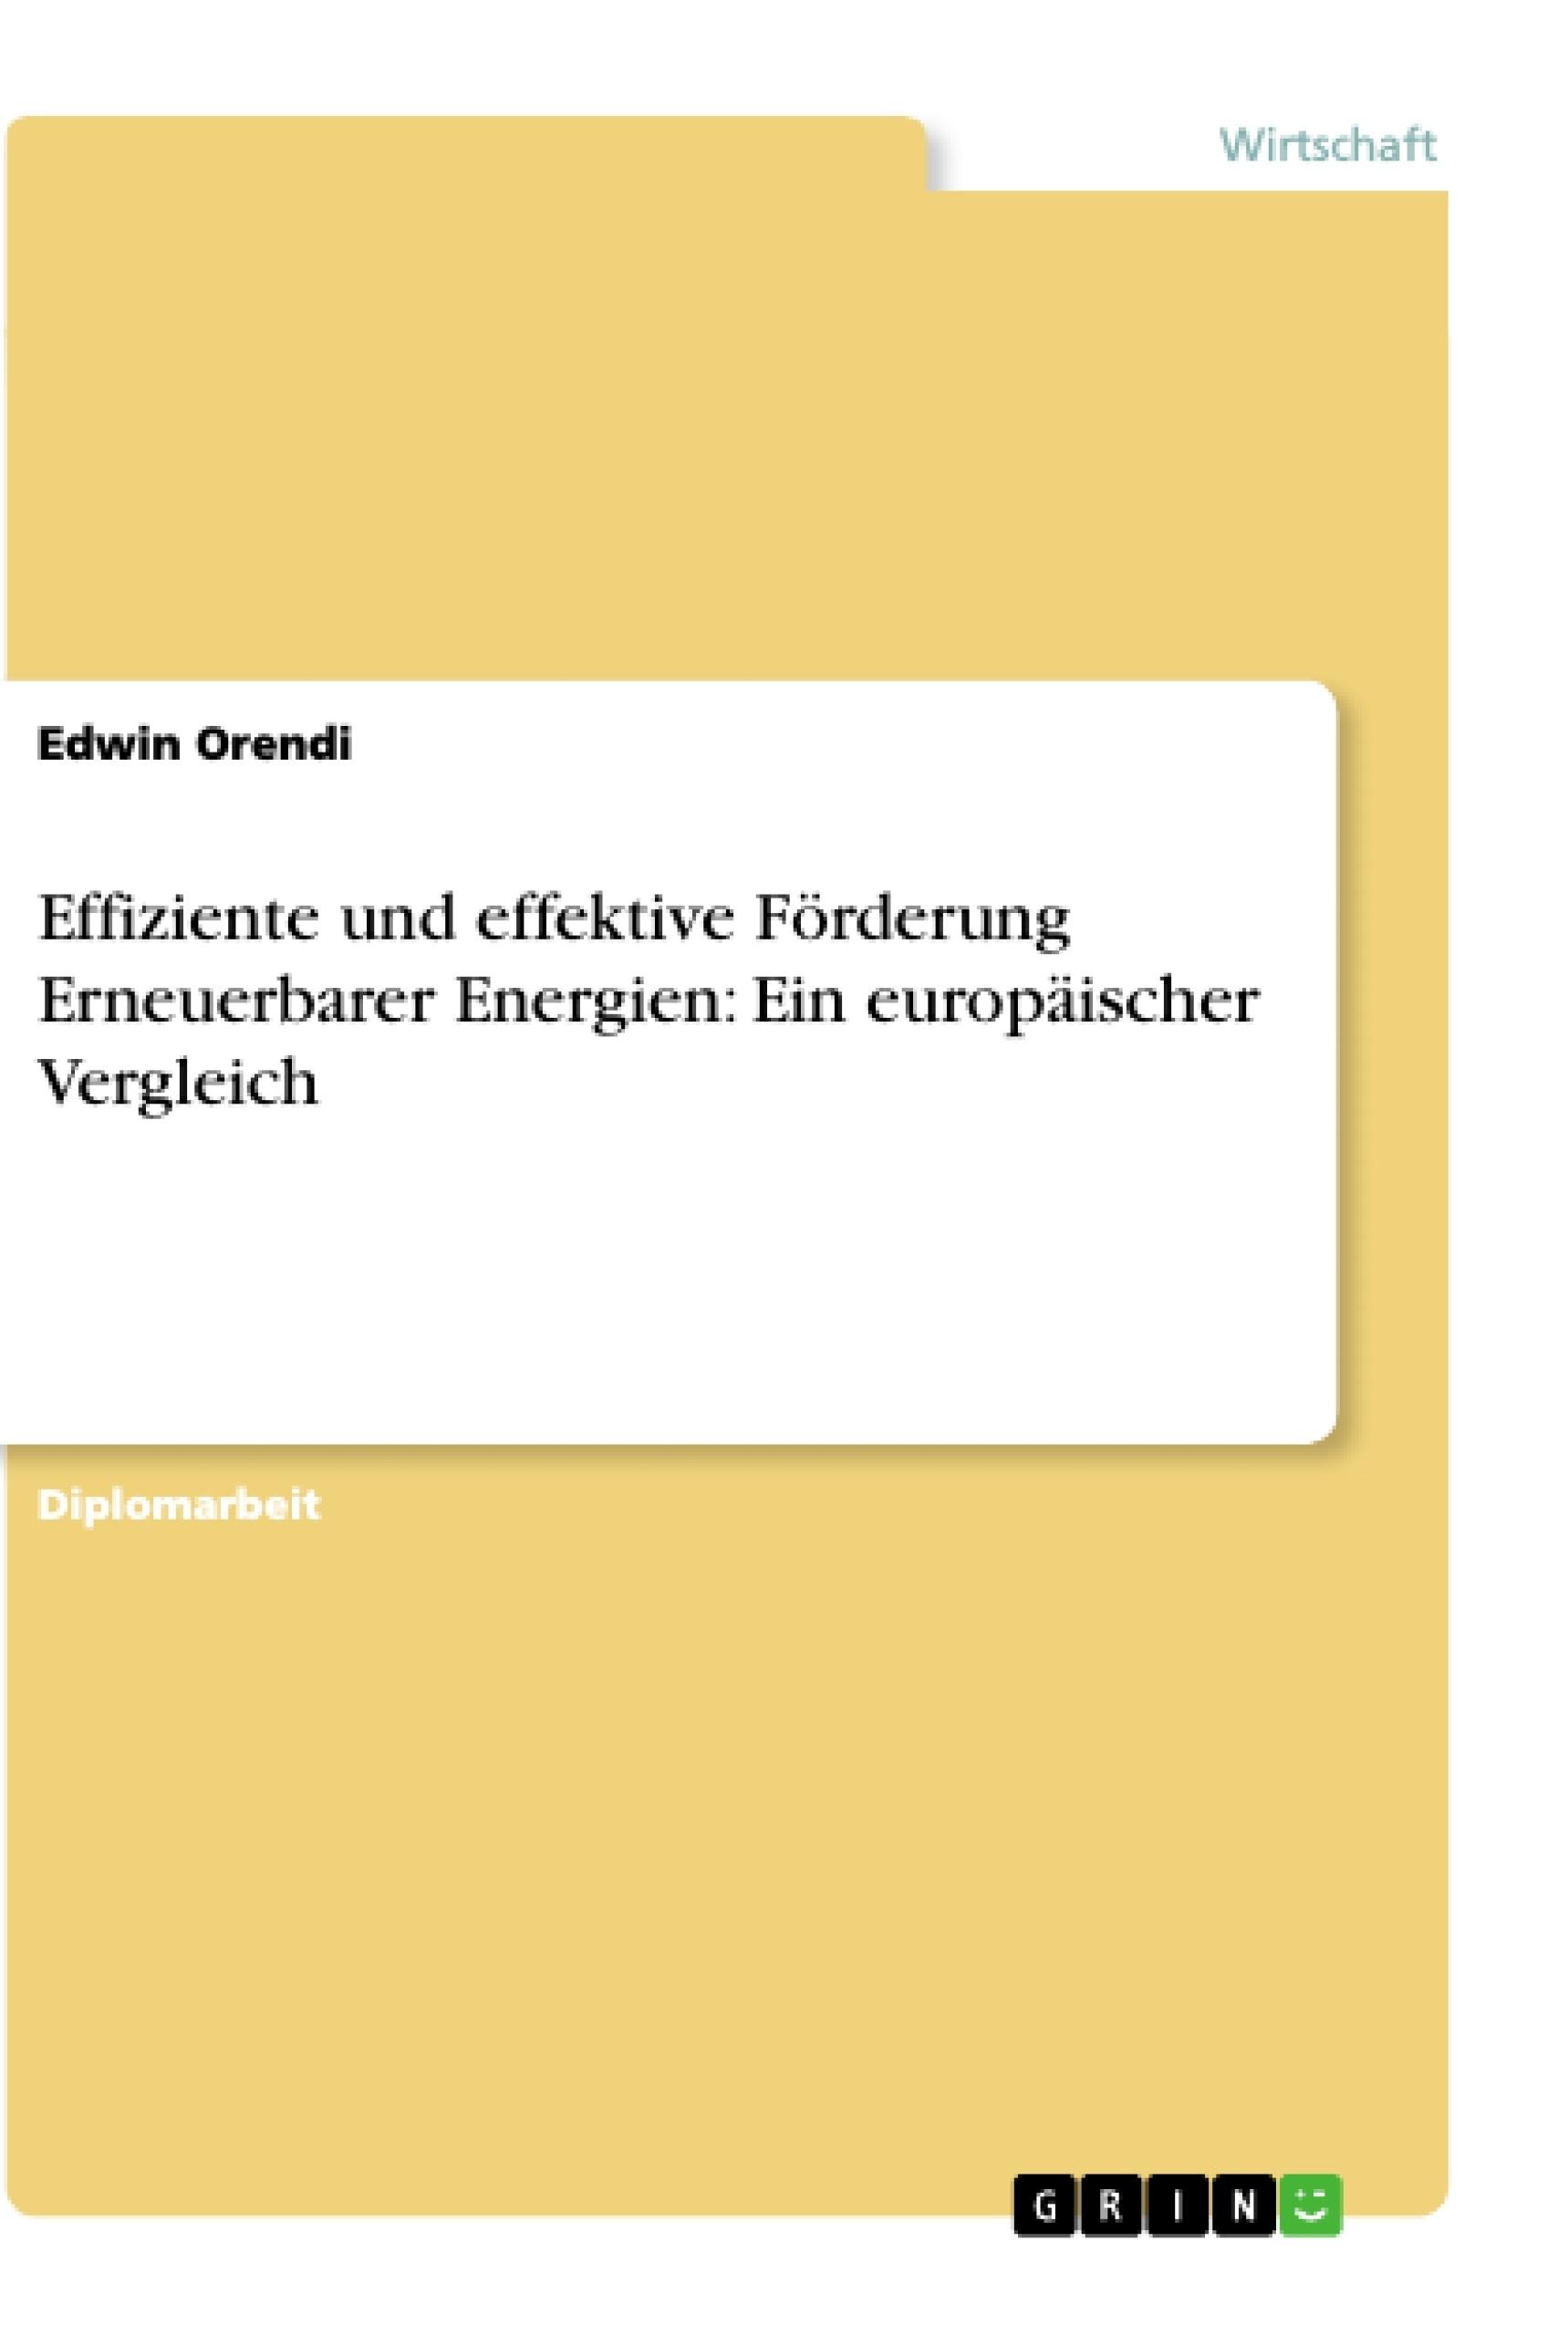 Titel: Effiziente und effektive Förderung Erneuerbarer Energien: Ein europäischer Vergleich